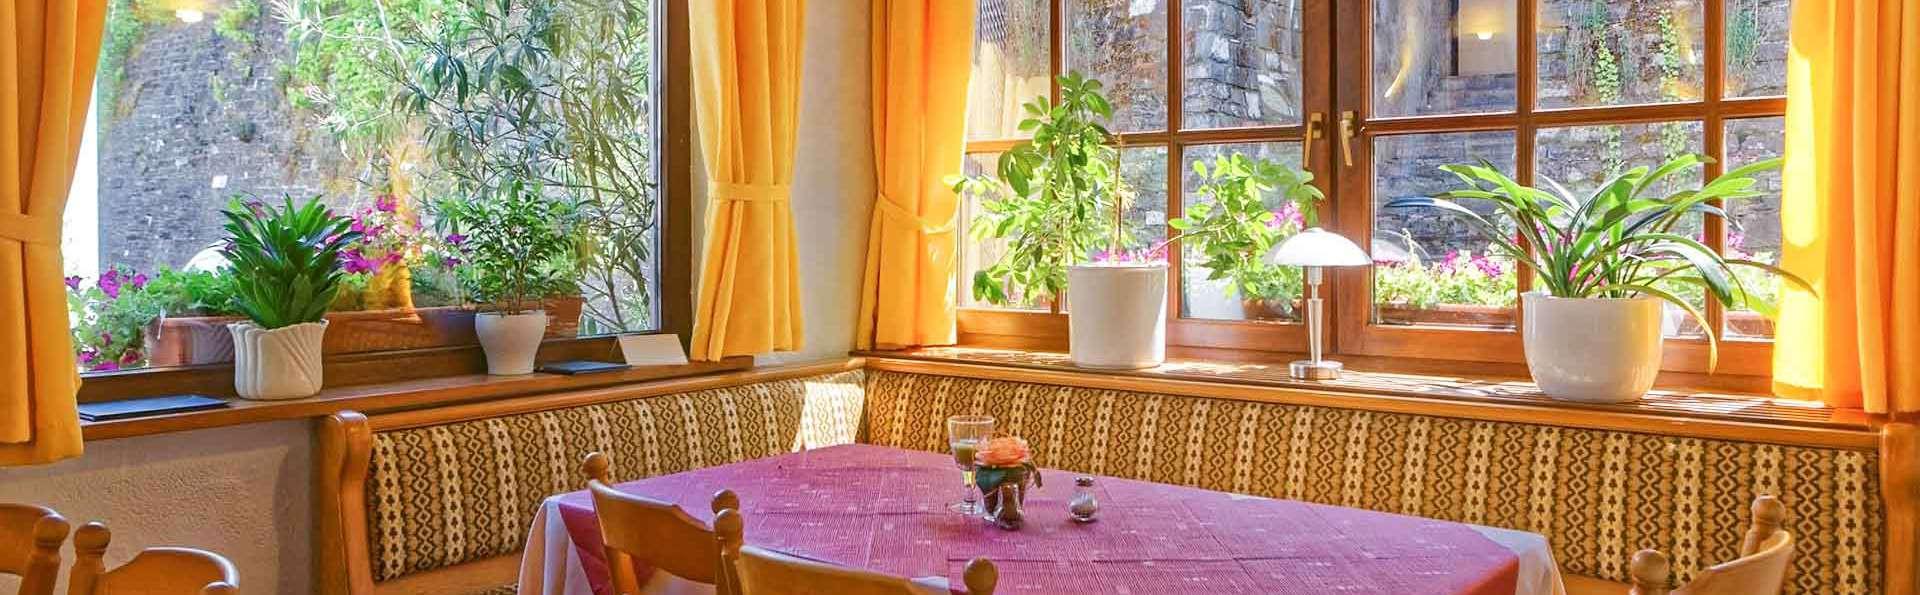 """Moselstern**s Hotel """"Zum Guten Onkel"""" - EDIT_Moselstern_Guter_Onkel_02.jpg"""